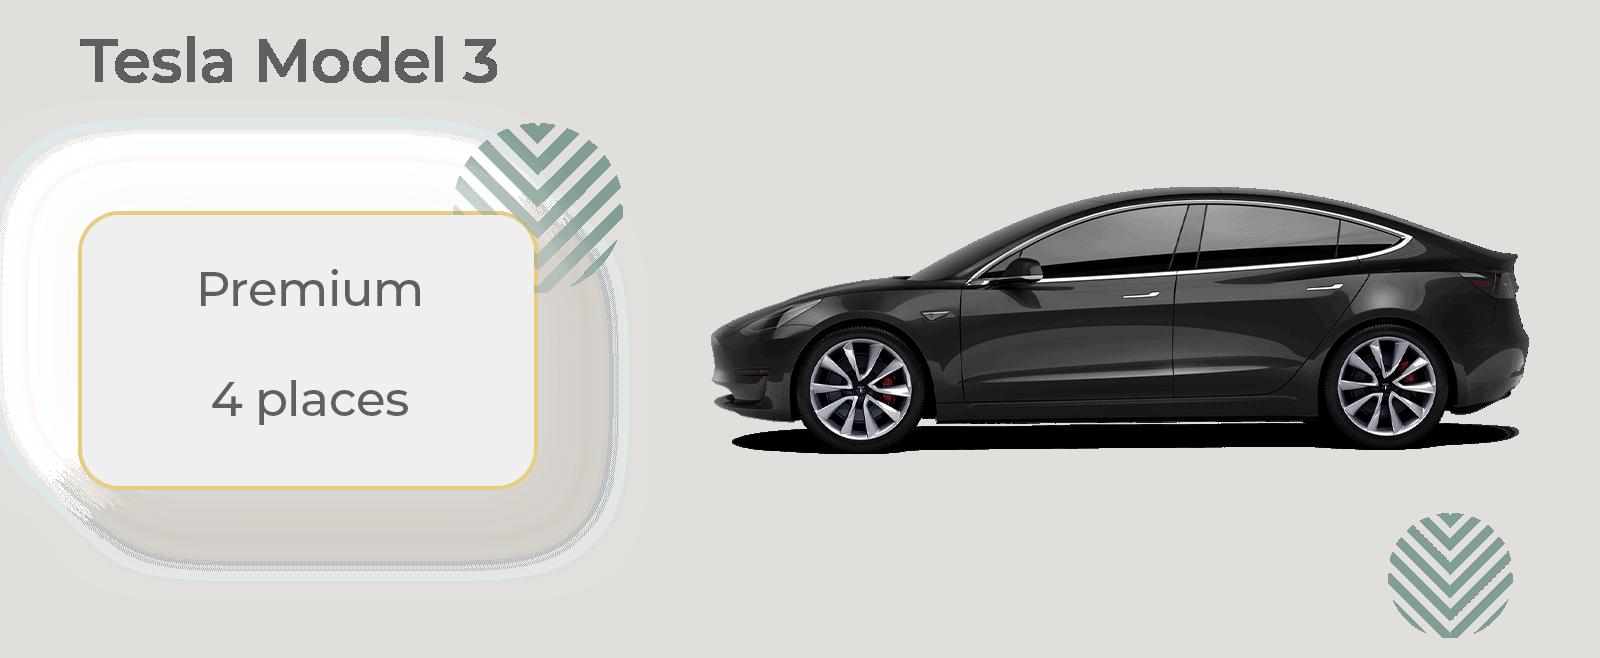 Tesla Model 3 en location avec chauffeur Vip pour déplacement confortable et incroyable